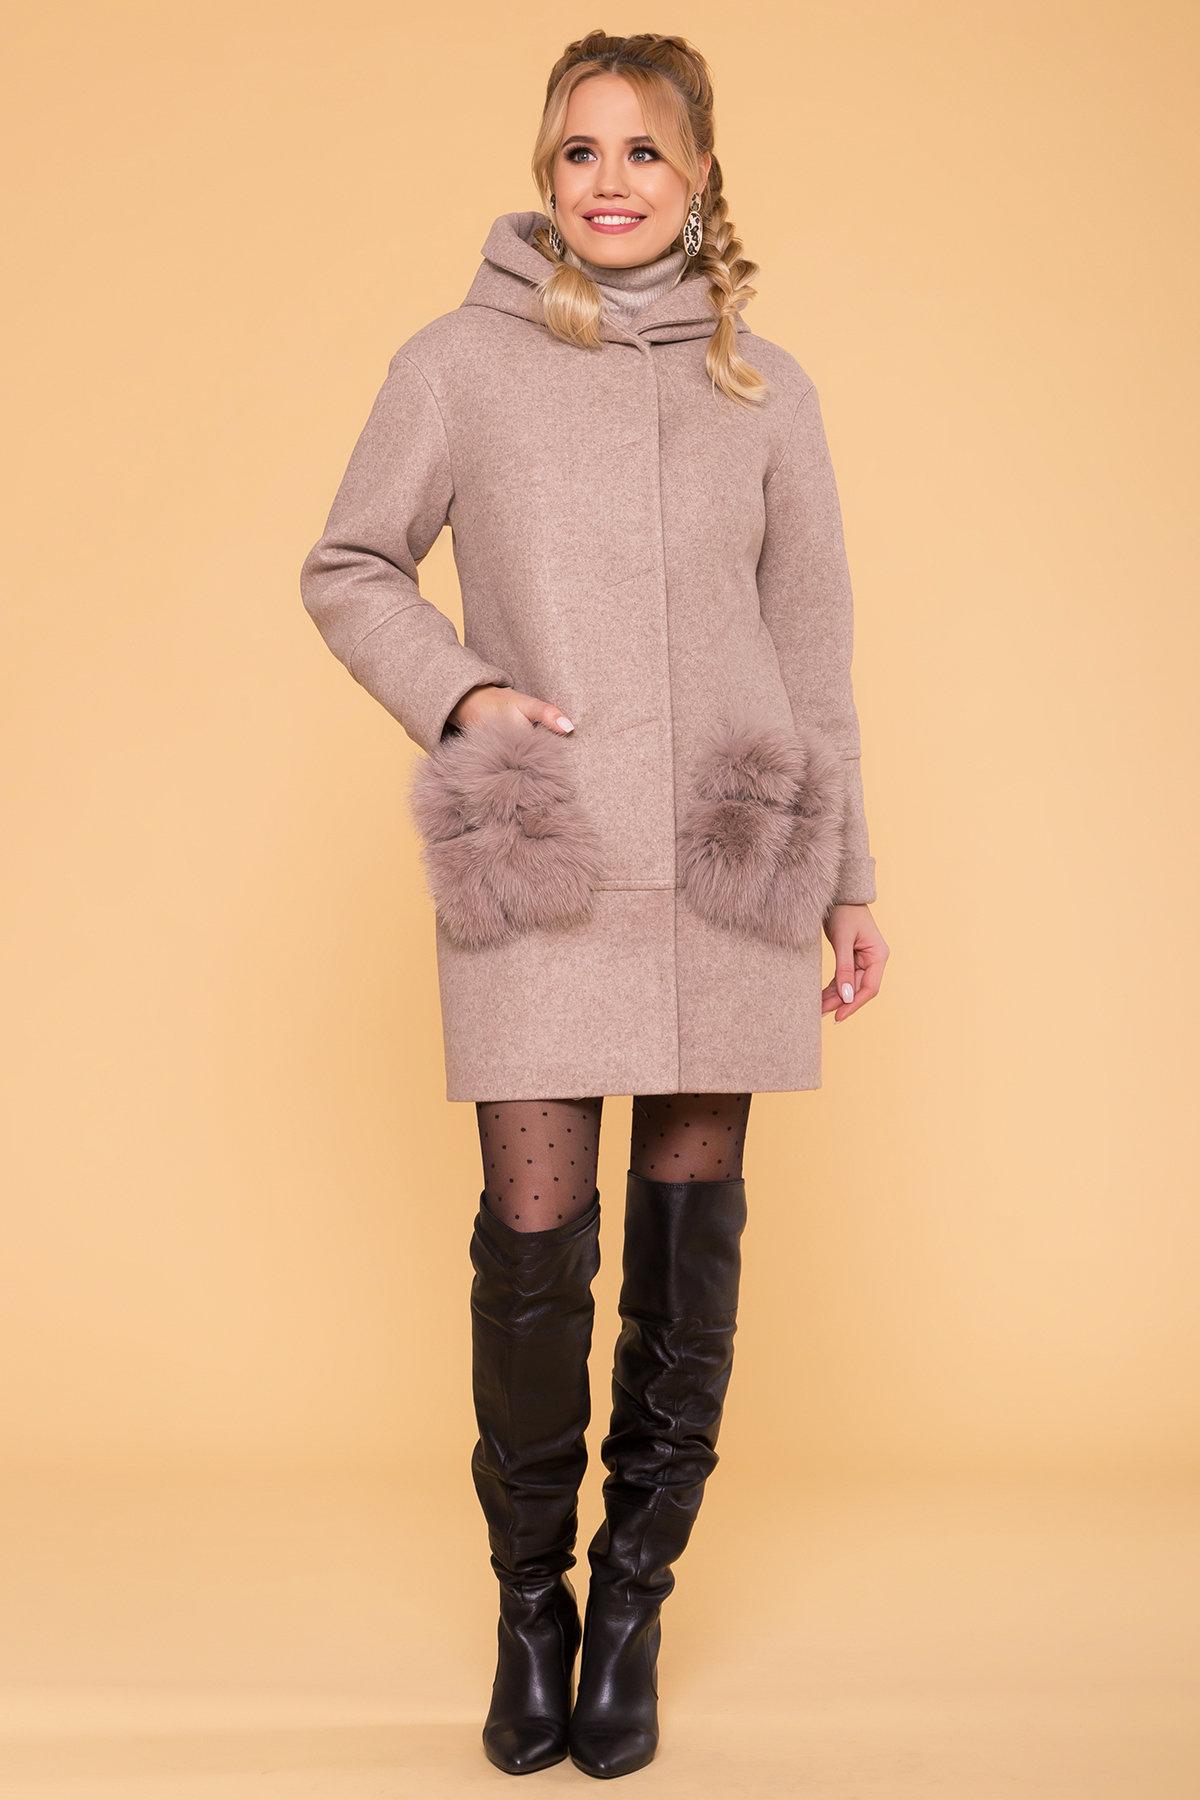 Пальто зима Анита 5752 АРТ. 40712 Цвет: Бежевый 28/1 - фото 4, интернет магазин tm-modus.ru